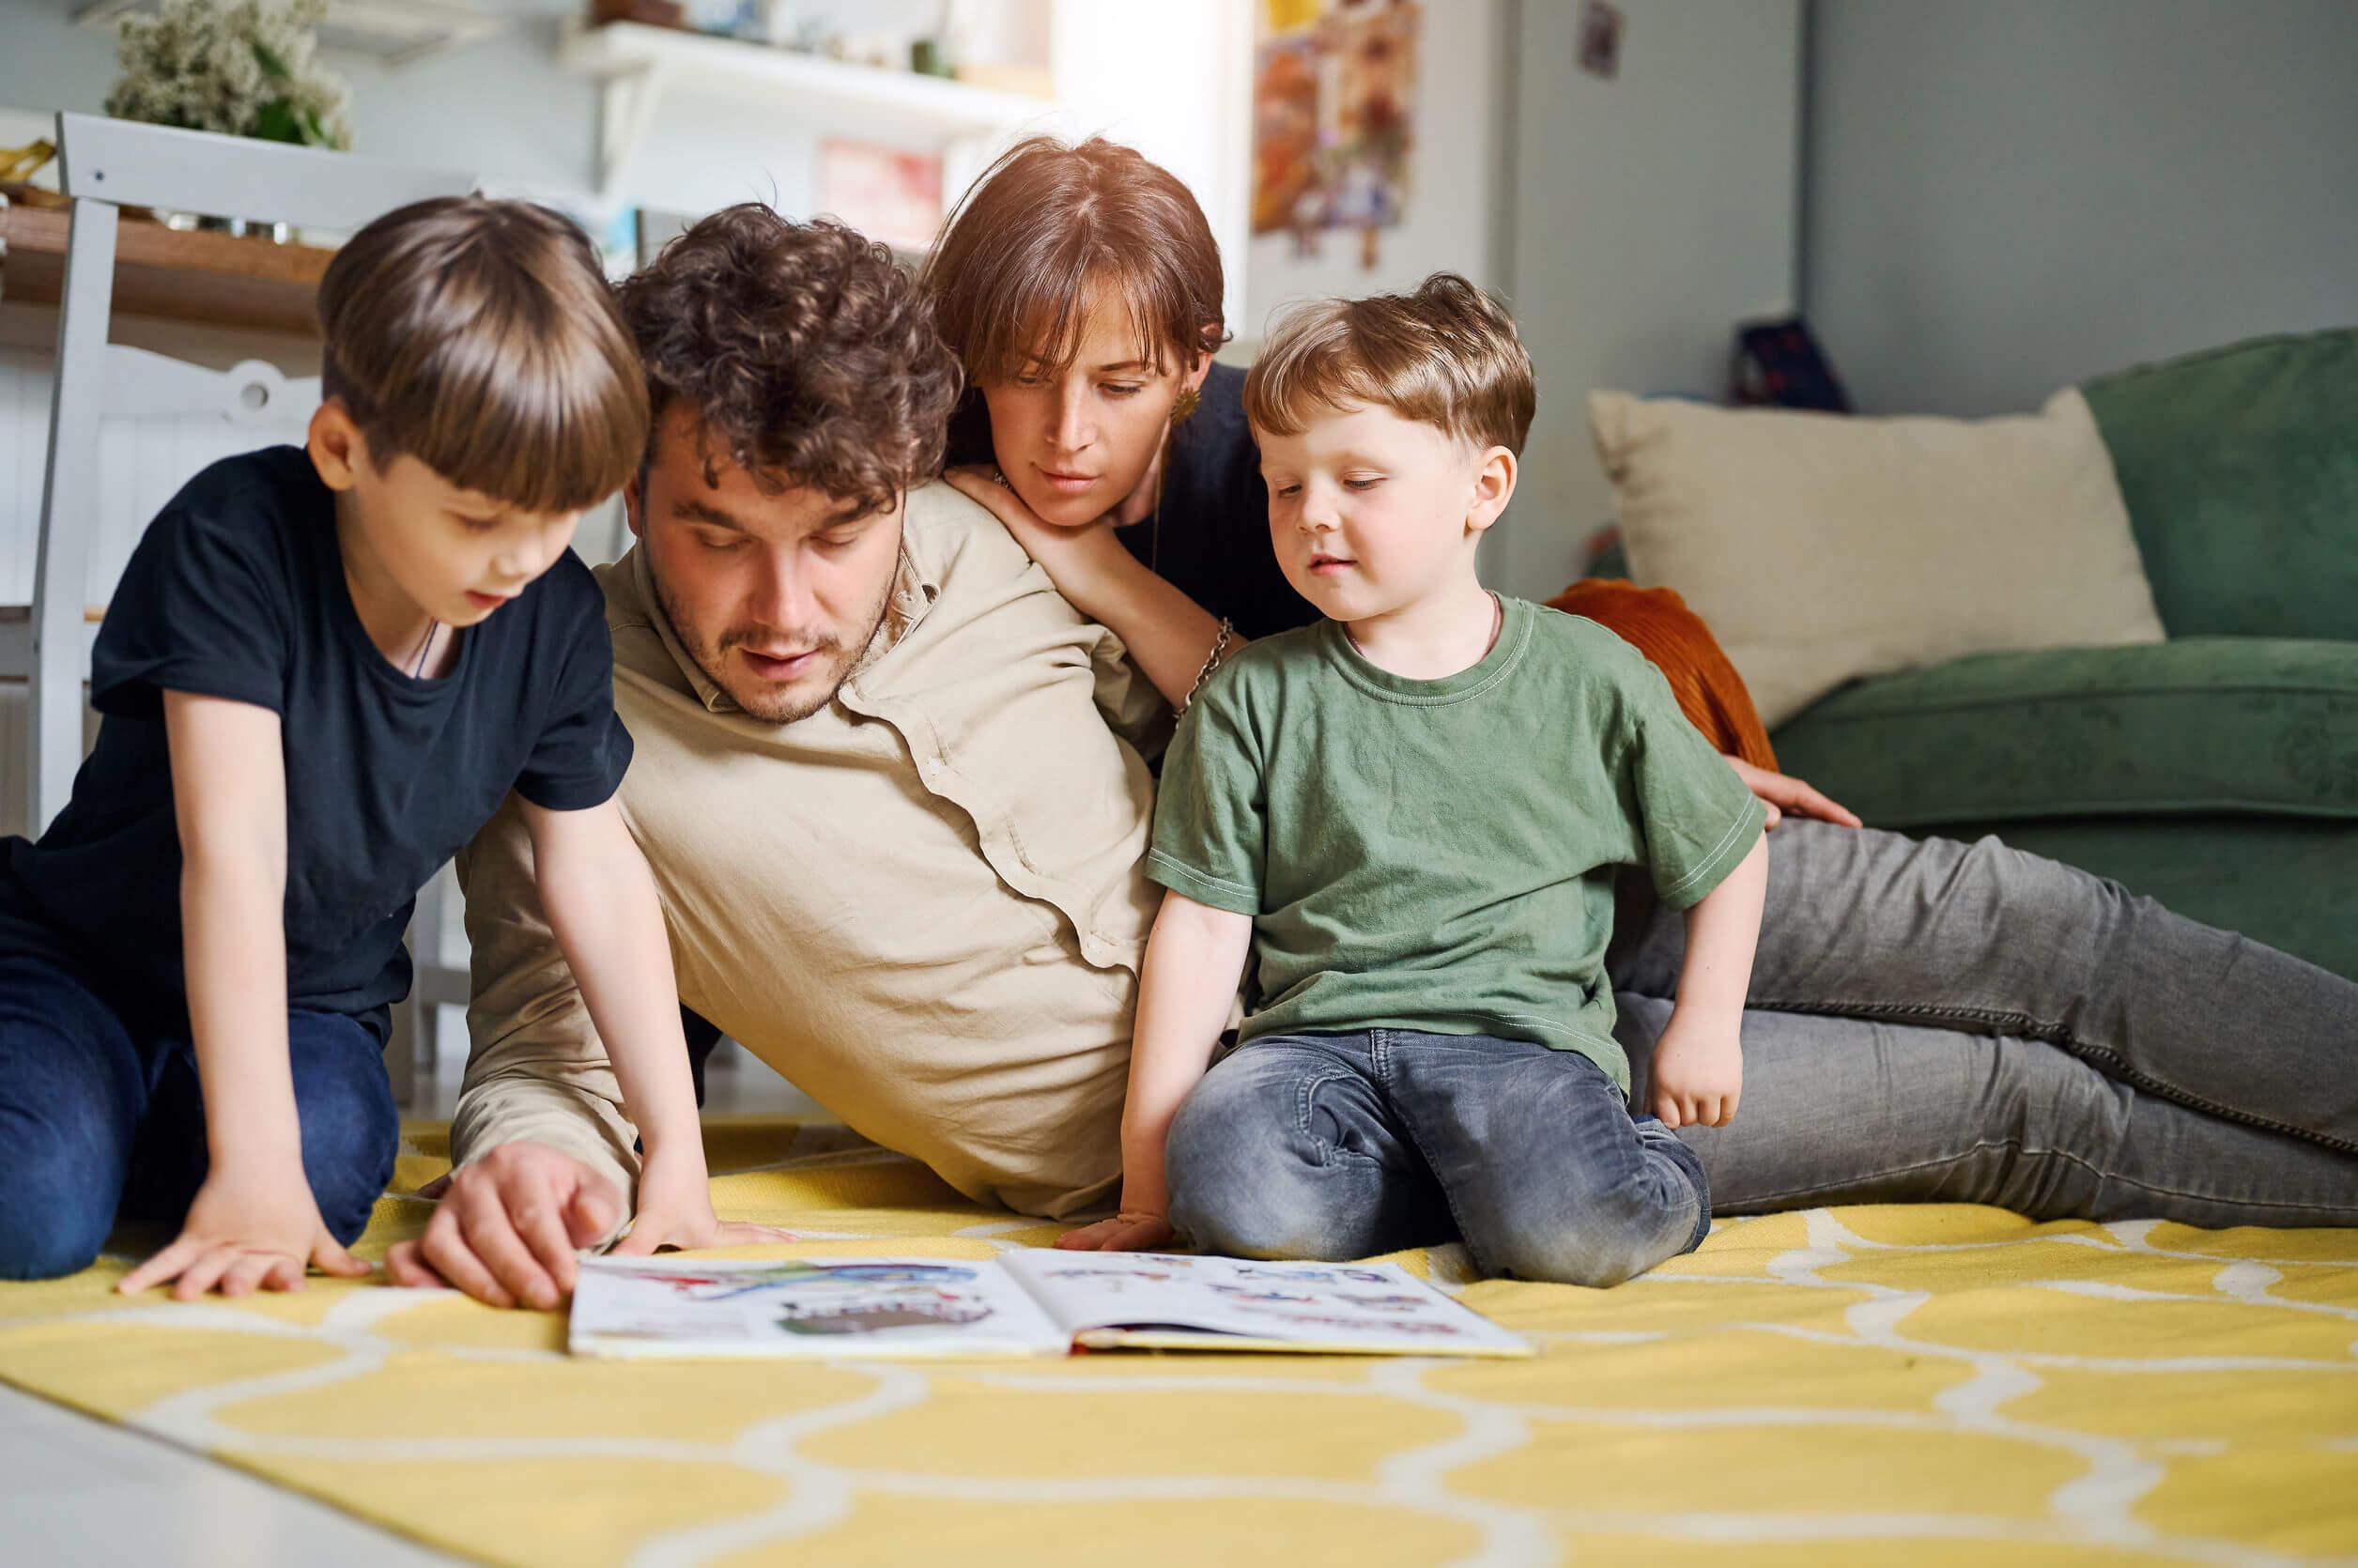 Padres llevando a cabo la corresponsabilidad en el cuidado infantil.